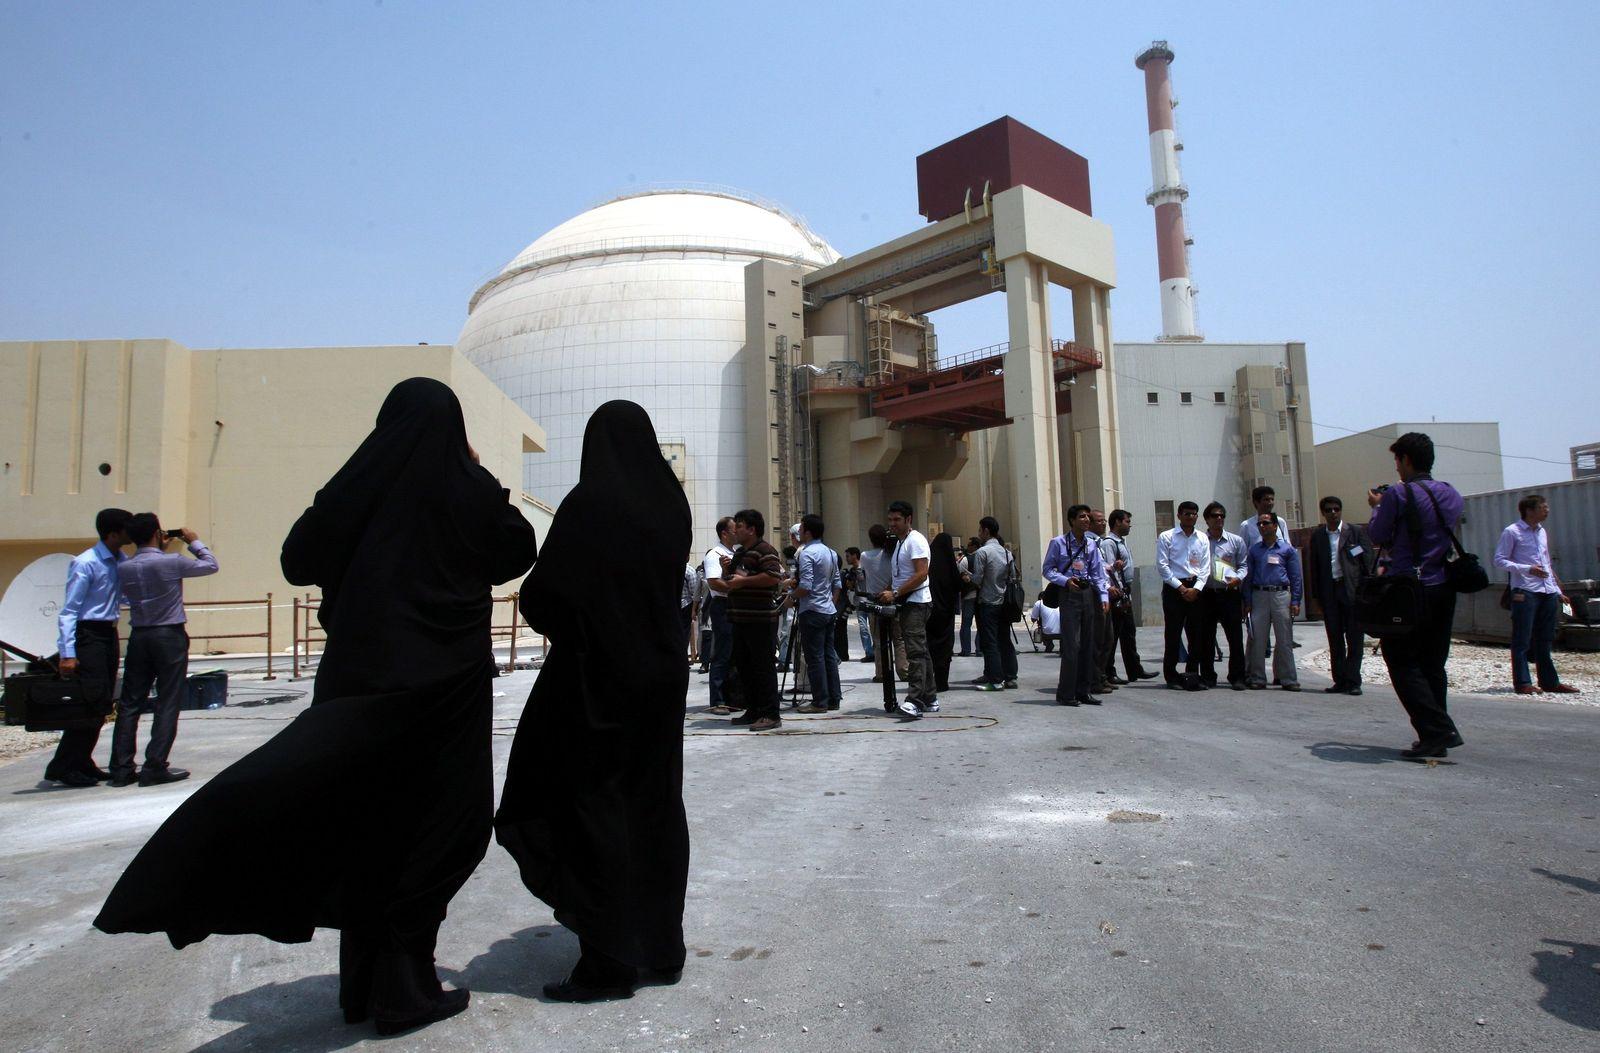 Weiterer Rückzug des Irans aus dem Atomabkommen